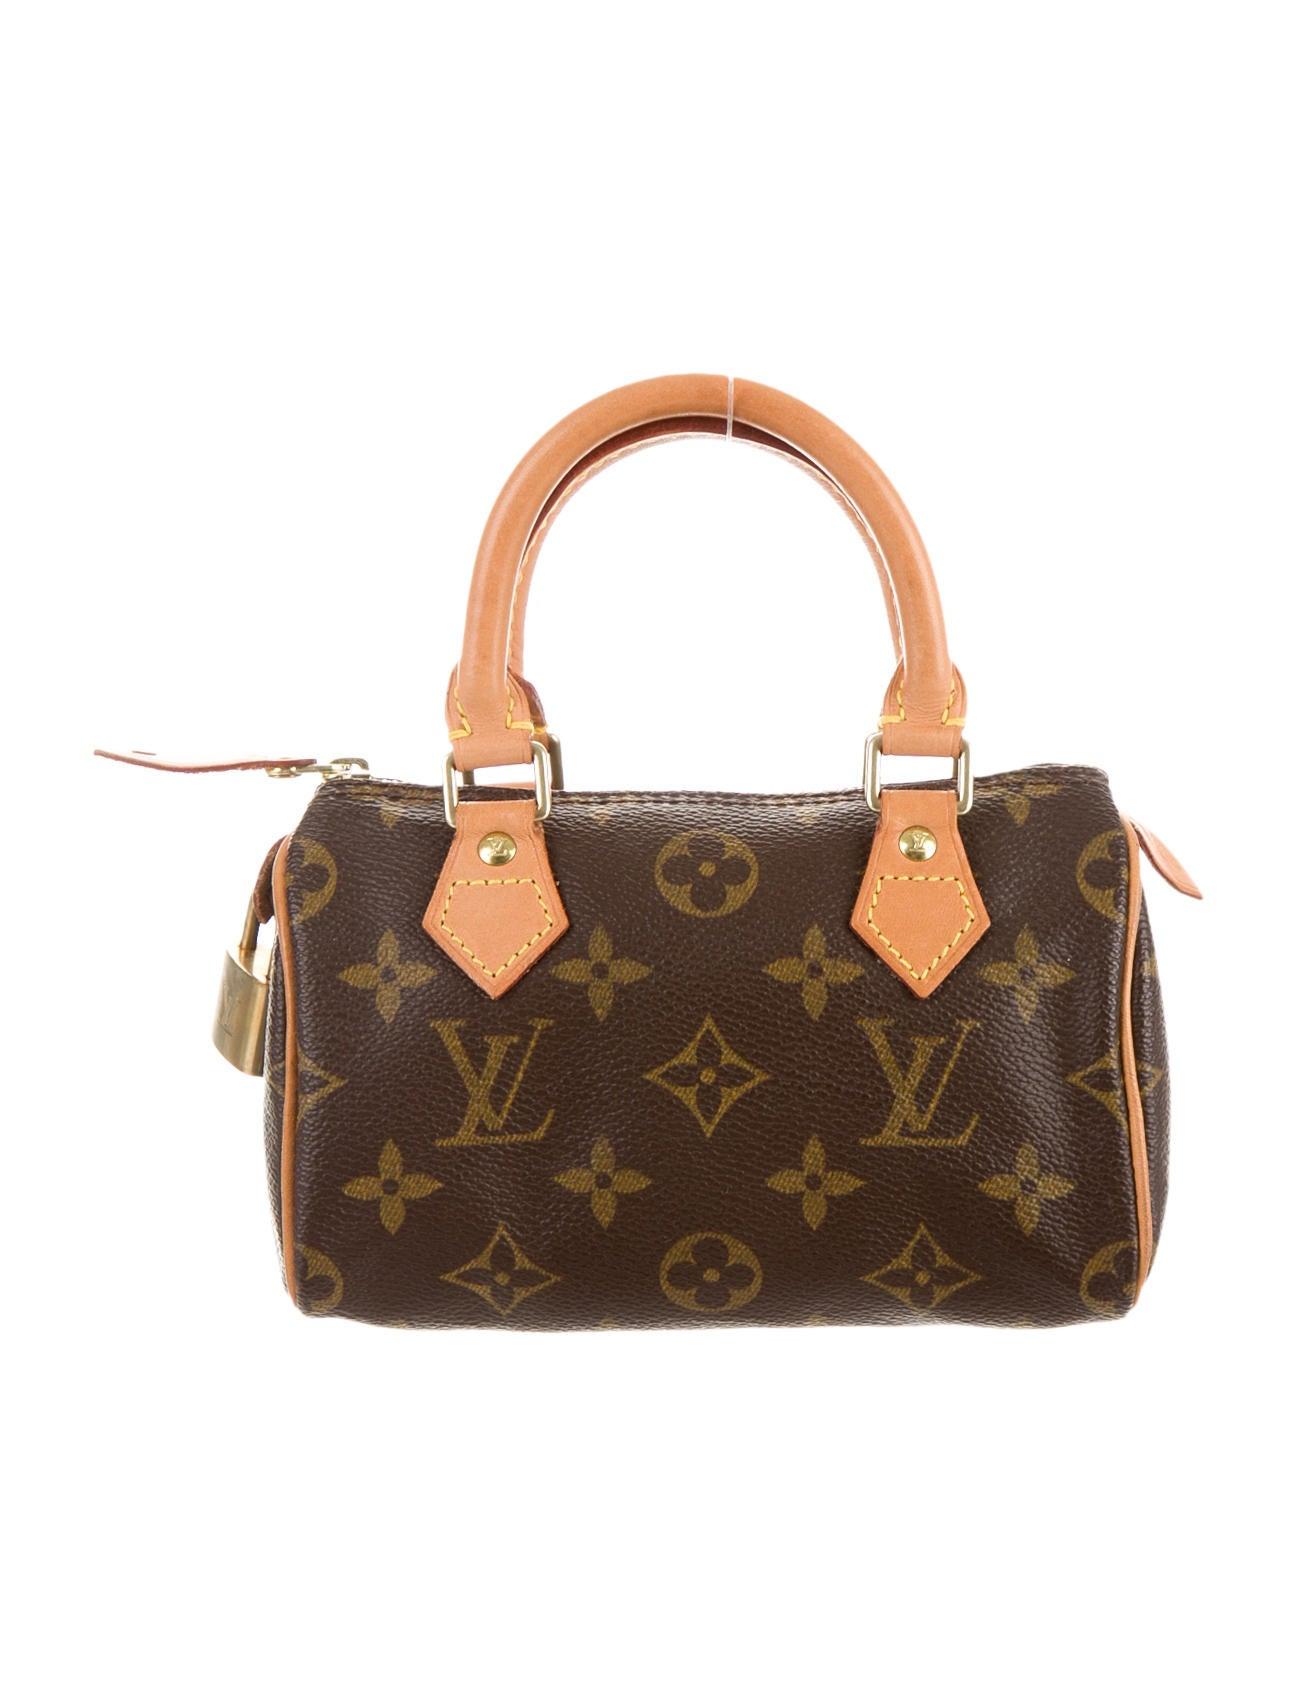 Louis Vuitton Mini Hl Sdy Bag Handbags Lou69297 The Realreal 0a55f166129ba